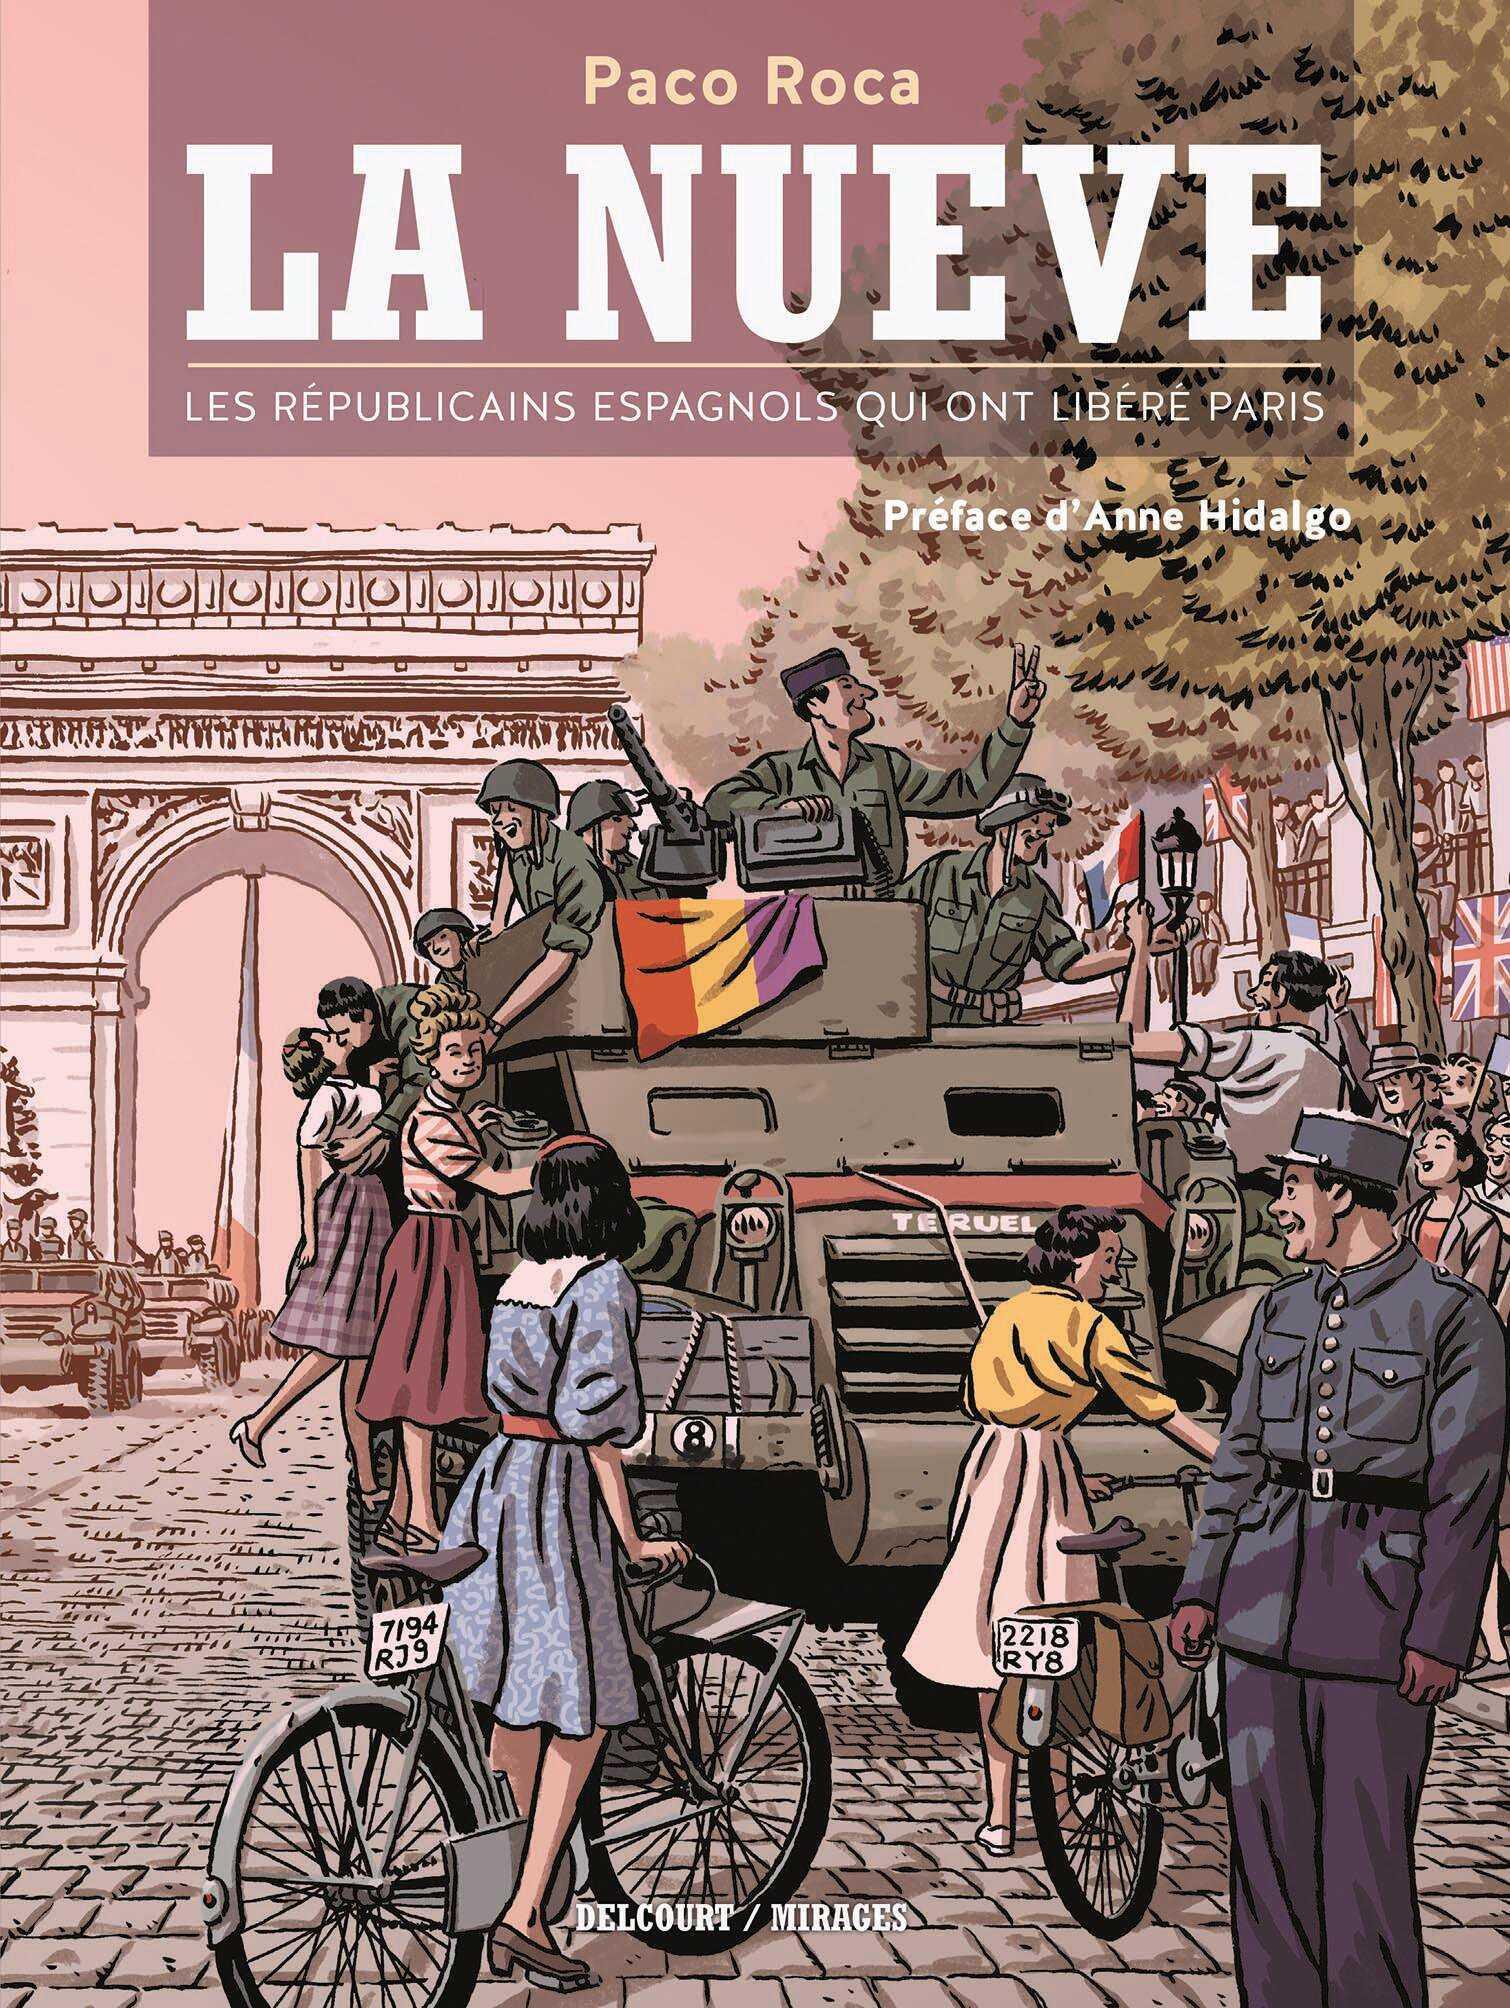 La Nueve, ces Espagnols qui ont libéré Paris en 1944